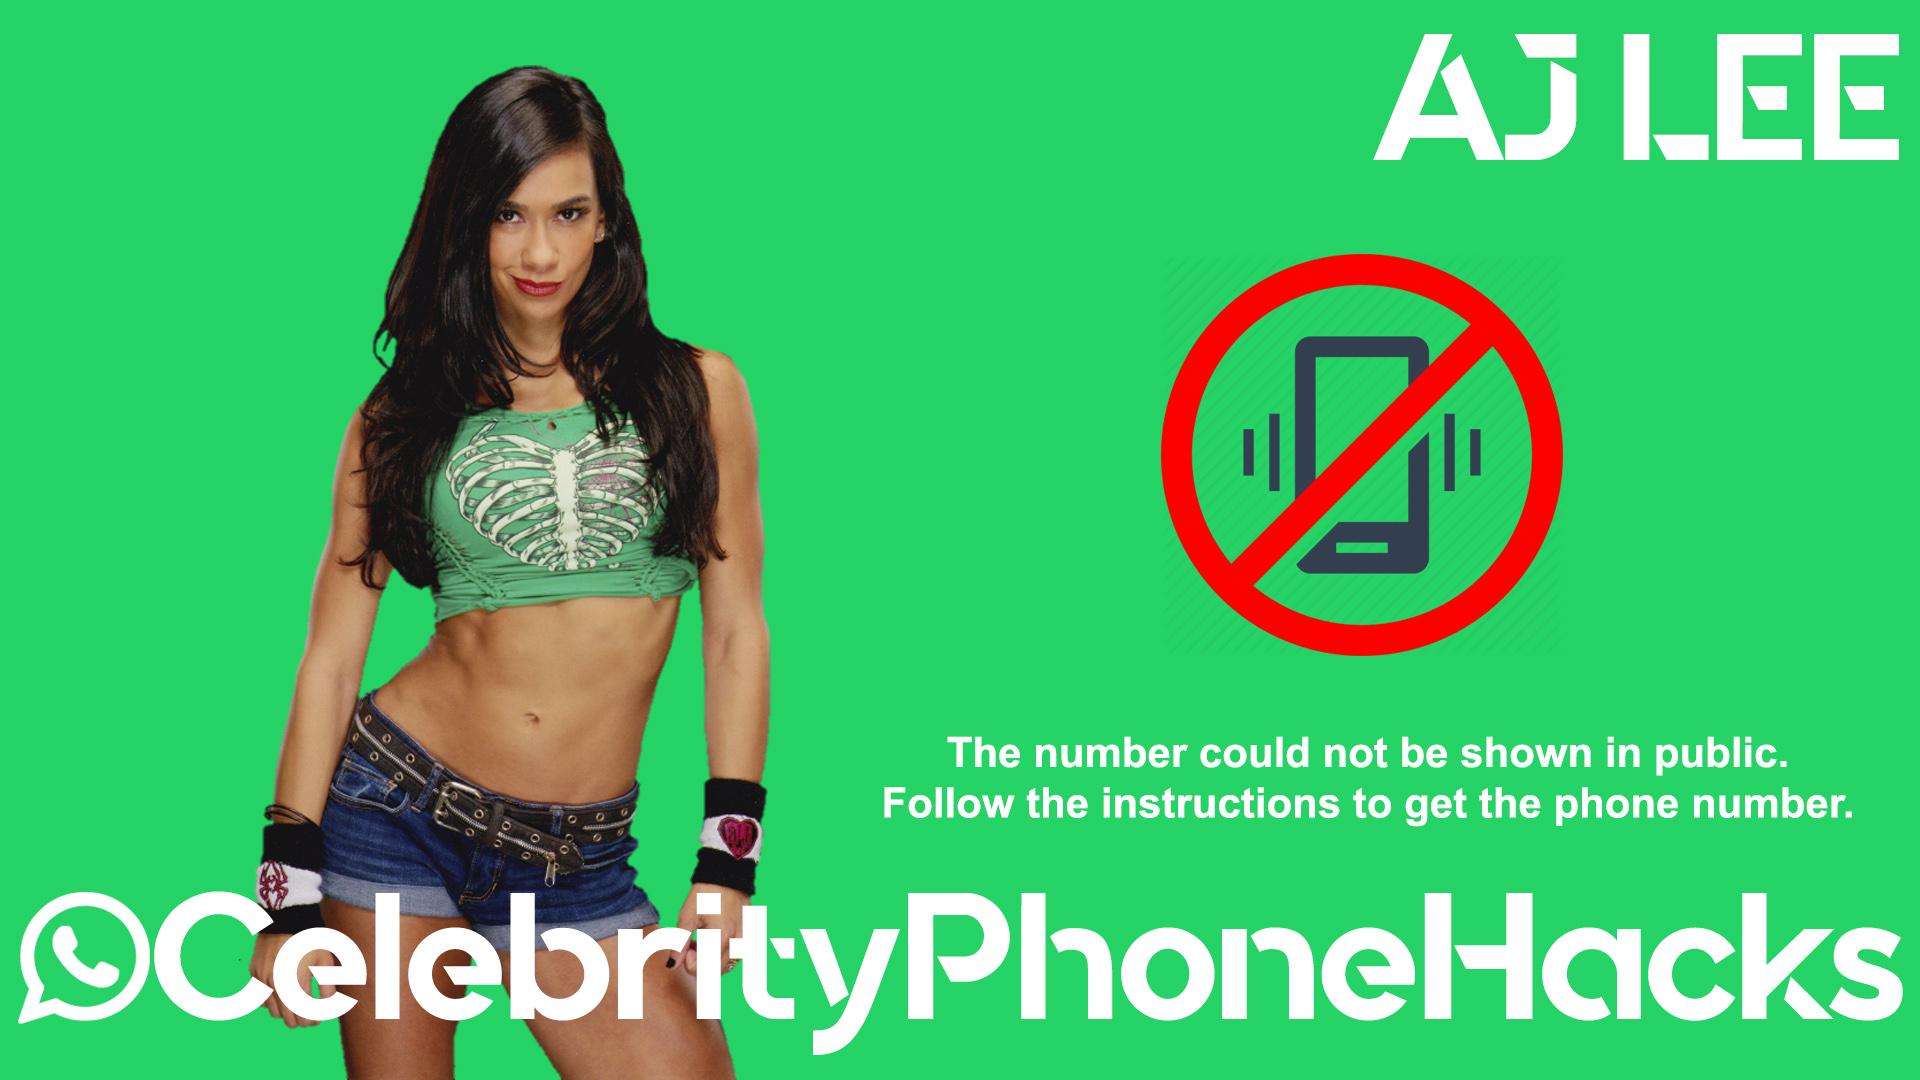 Aj Lee real phone number 2019 whatsapp hacked leaked